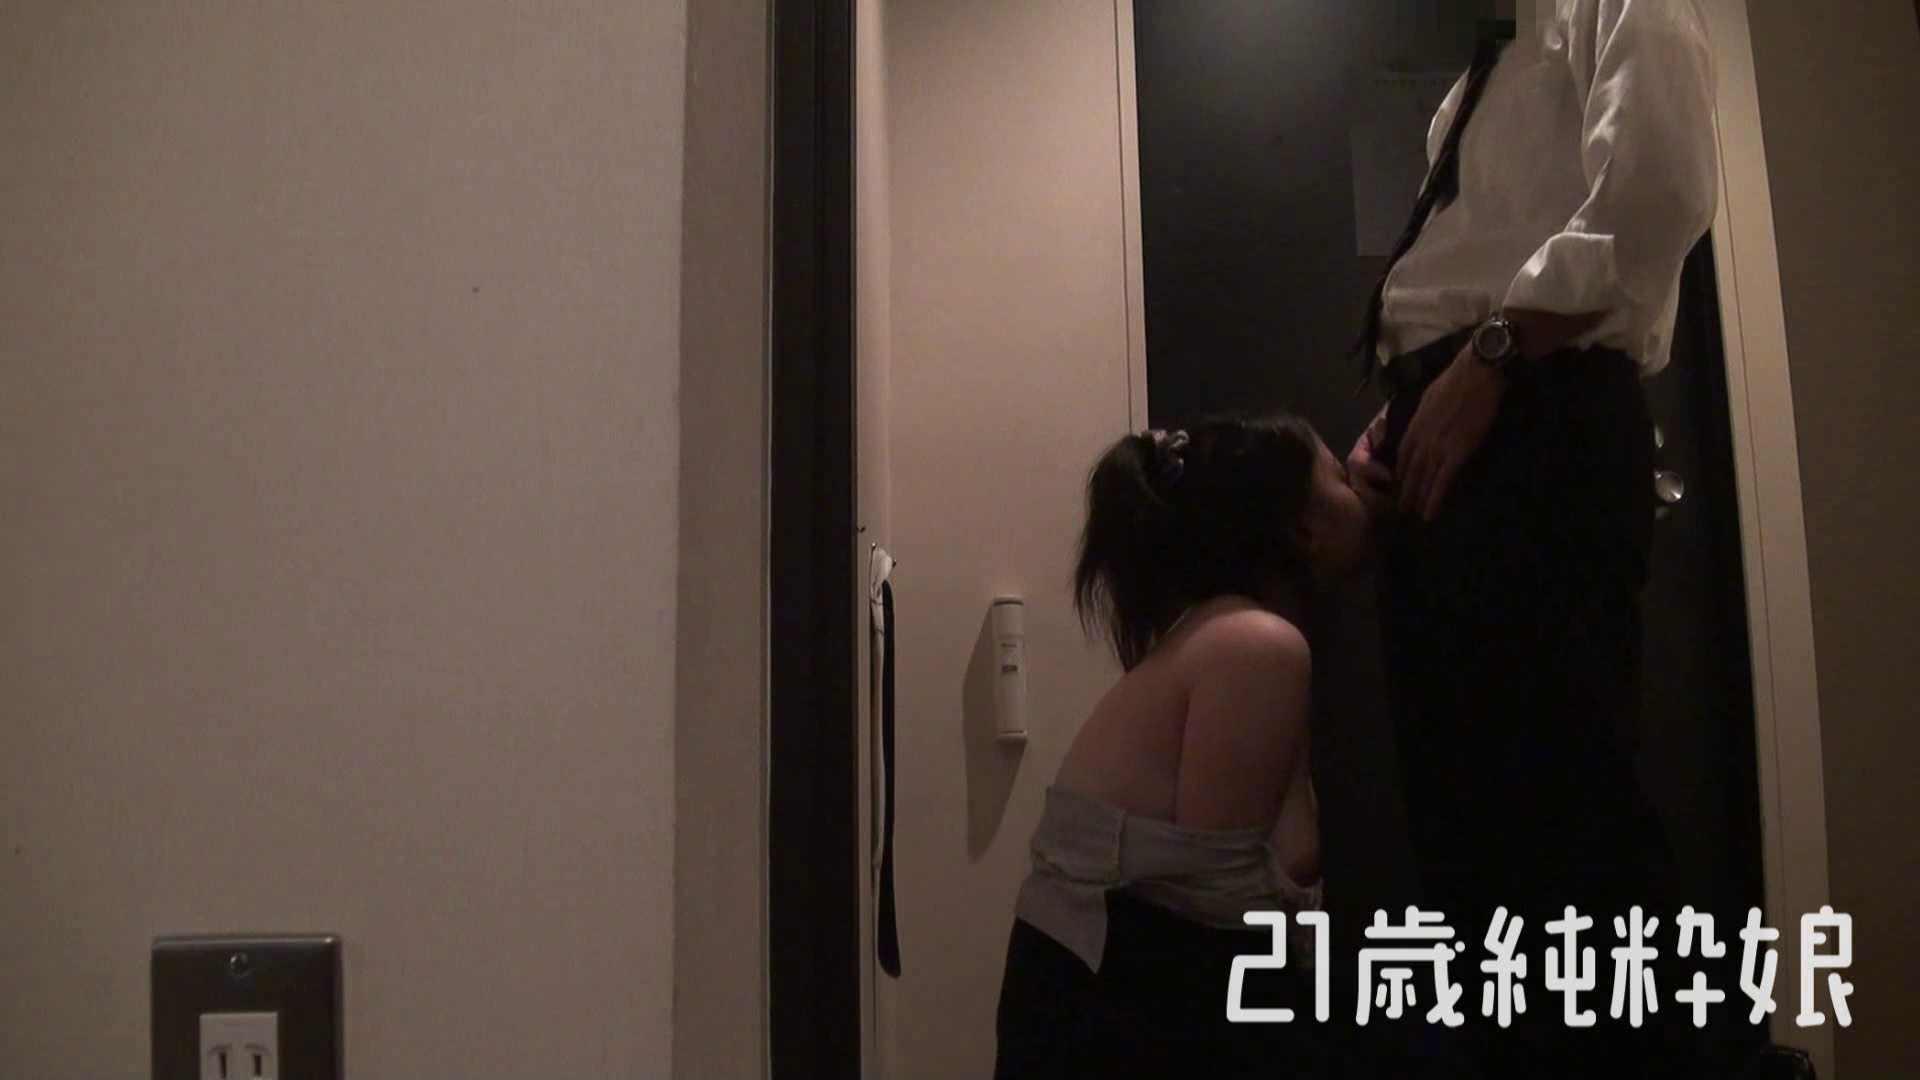 上京したばかりのGカップ21歳純粋嬢を都合の良い女にしてみた 投稿  52連発 28